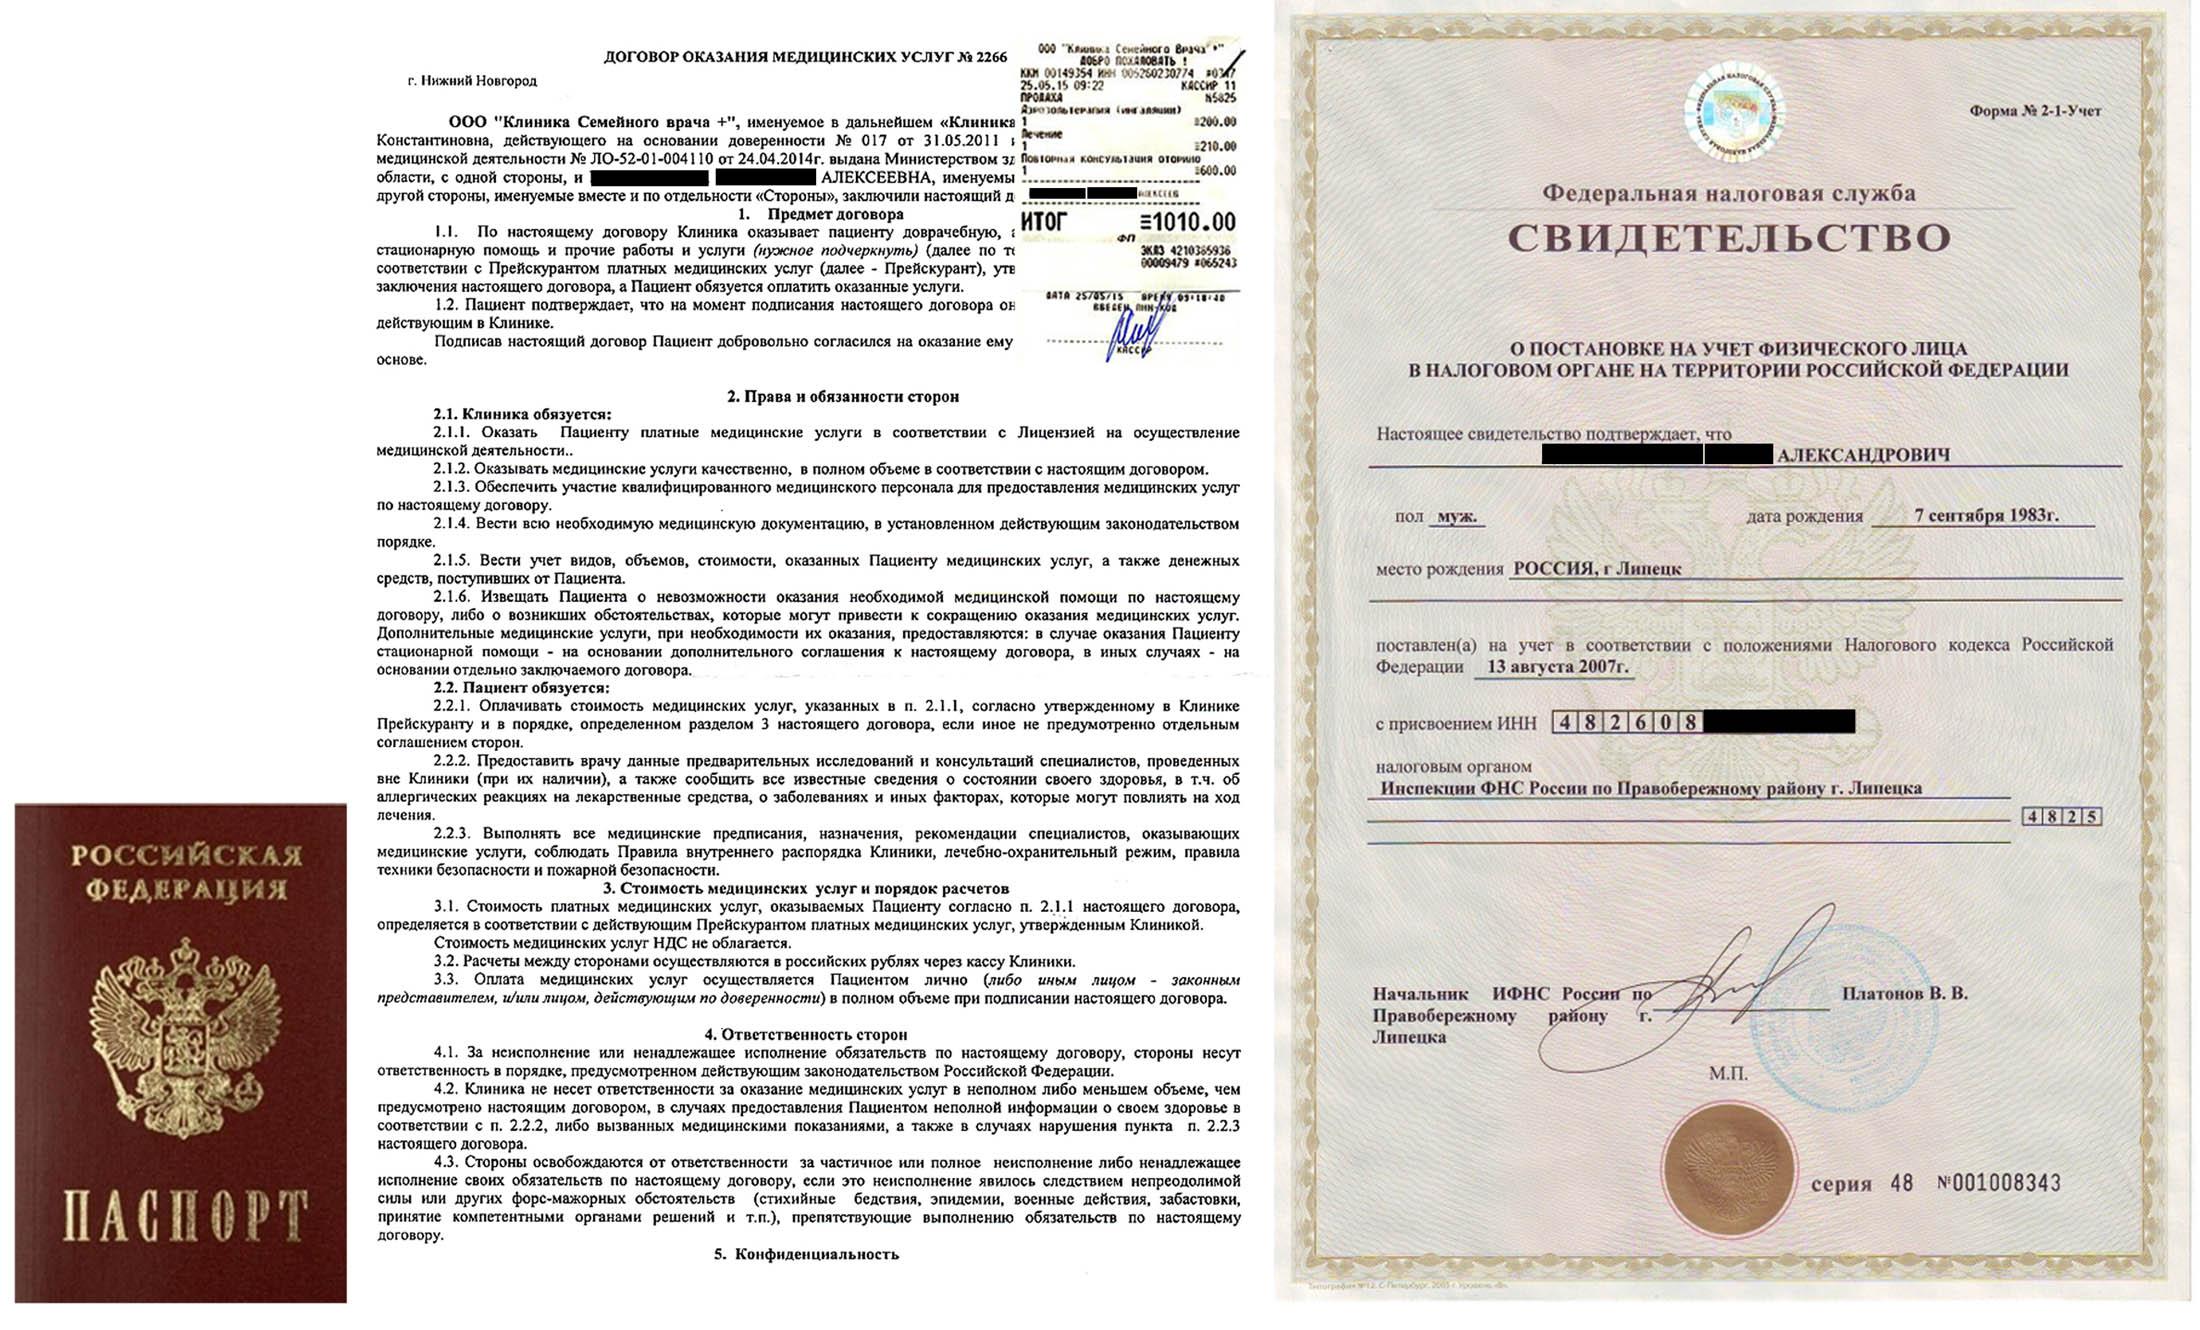 Паспорт, договор с клиникой и ИНН — возьмите с собой эти документы, когда пойдете получать справку для налоговой